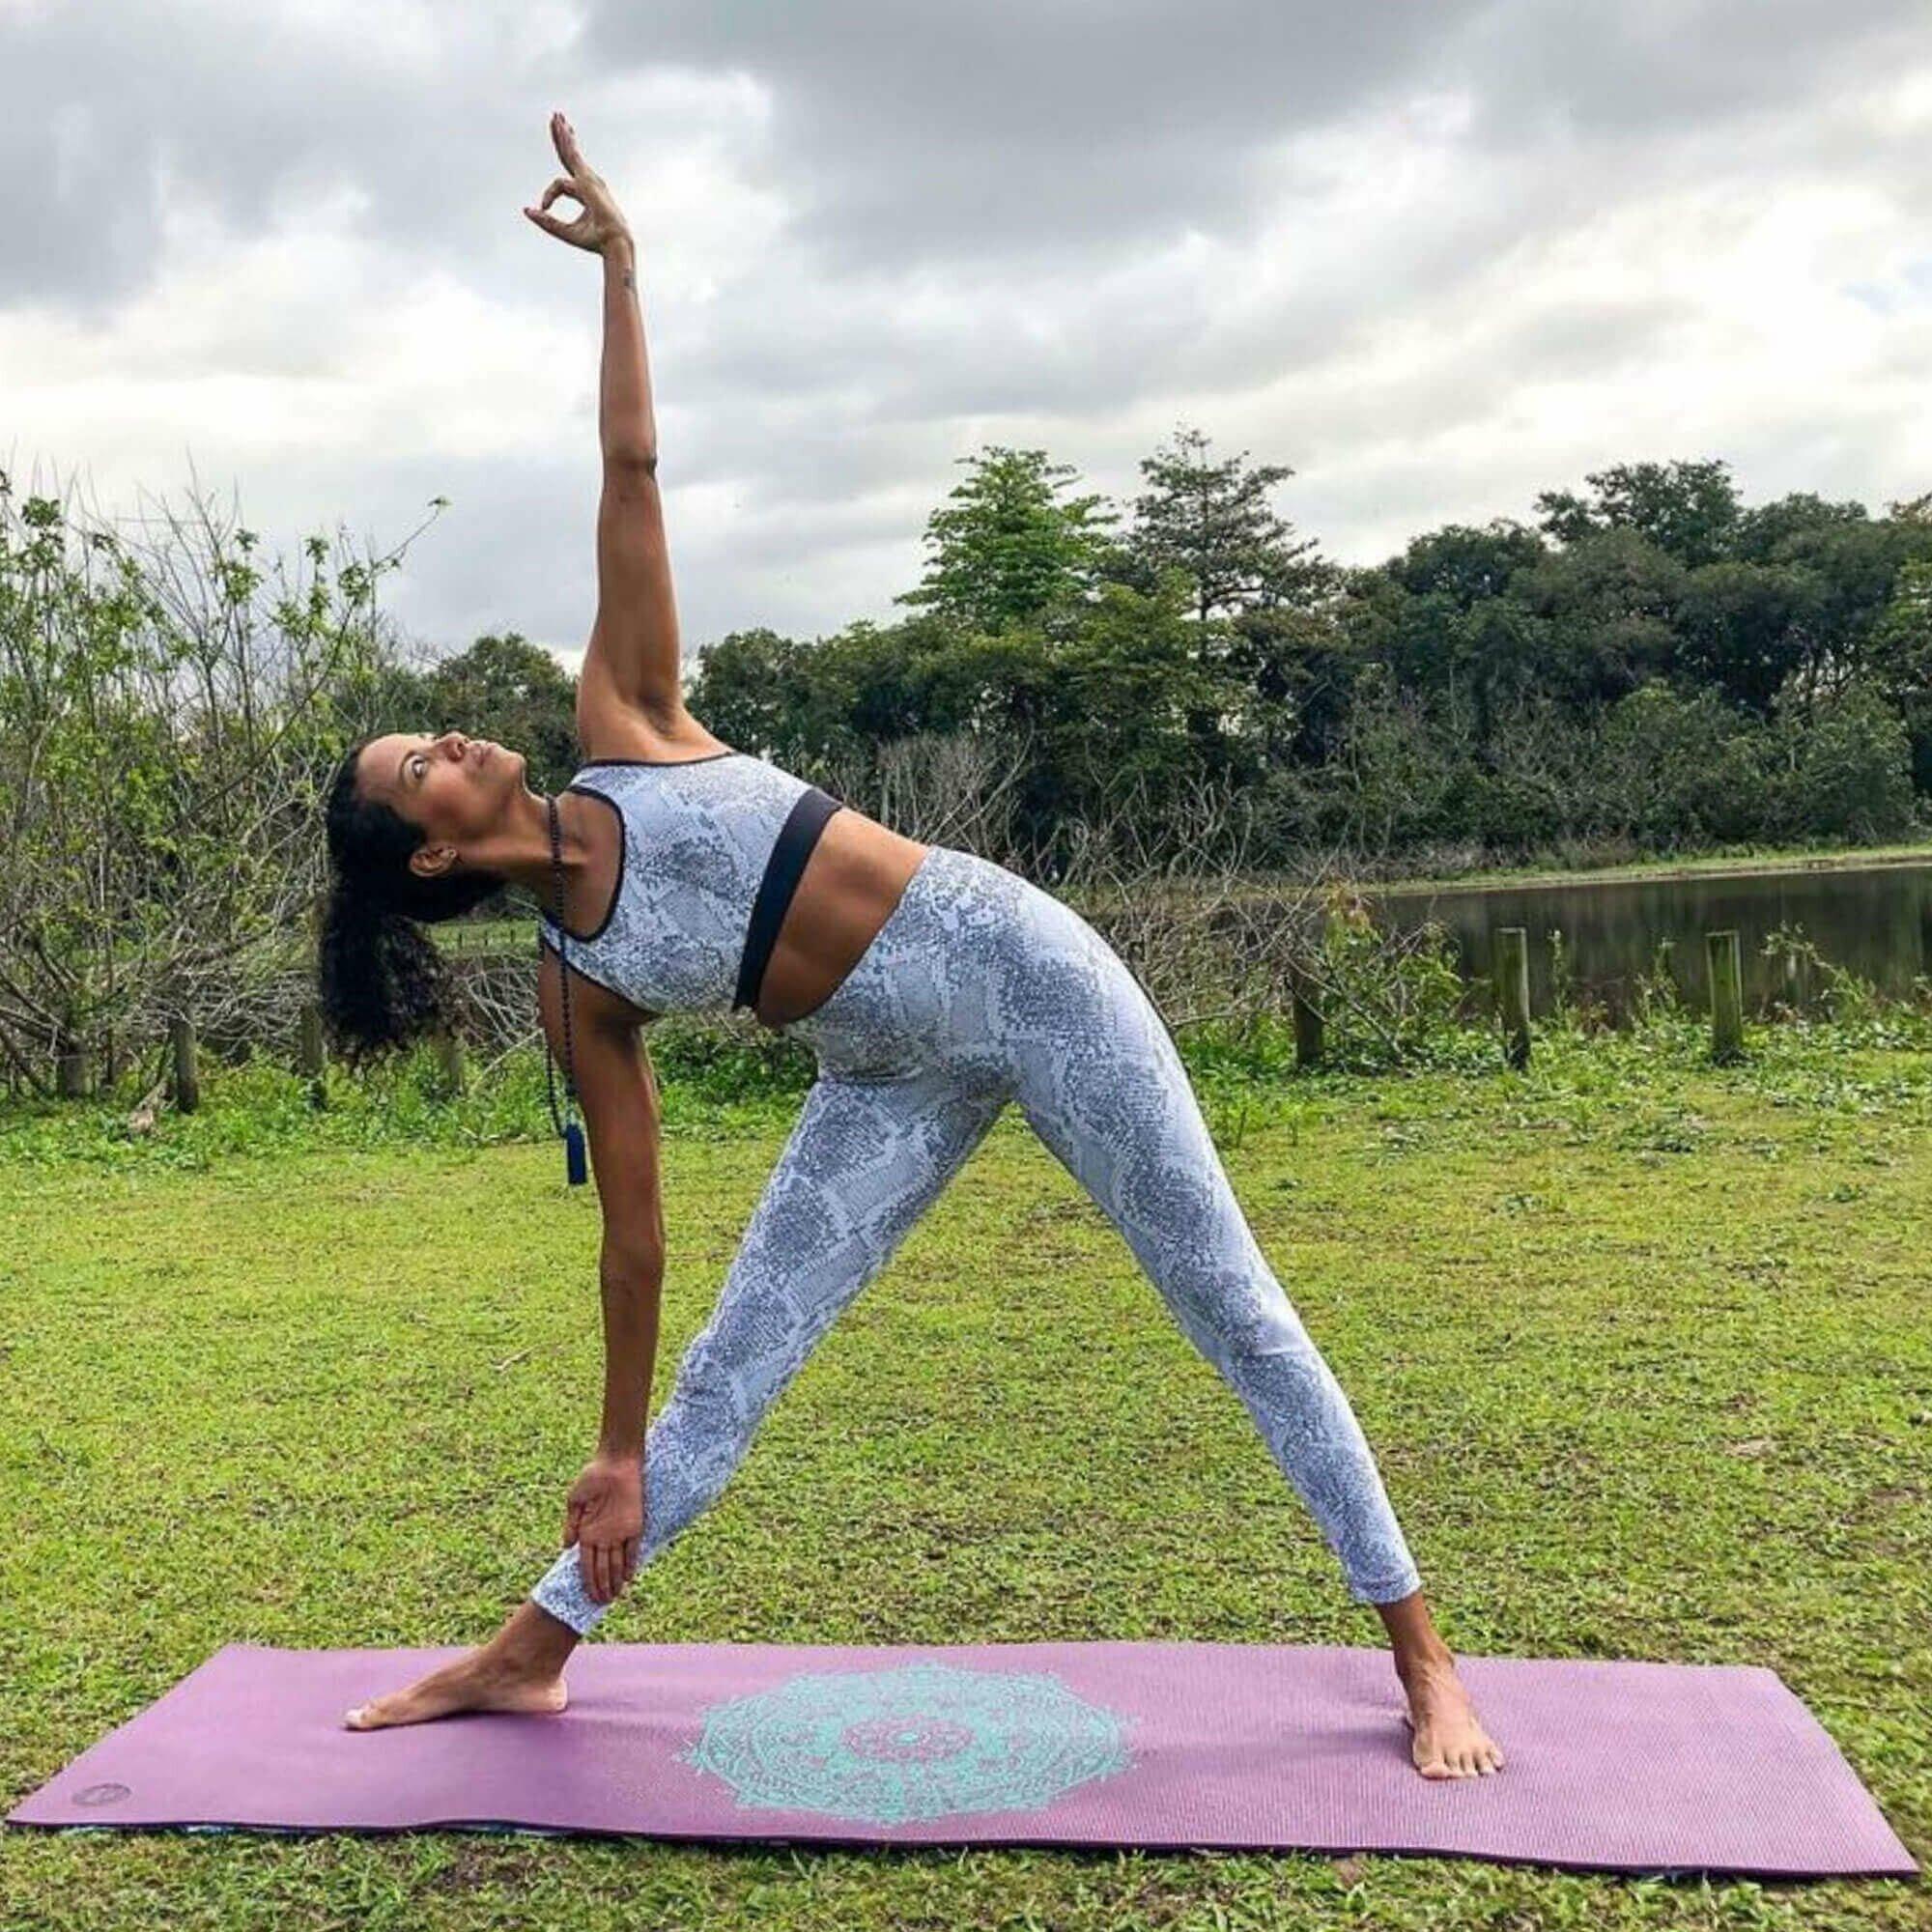 tapete-yoga-leela-mandala-yogateria-ameixa-turquesa-8